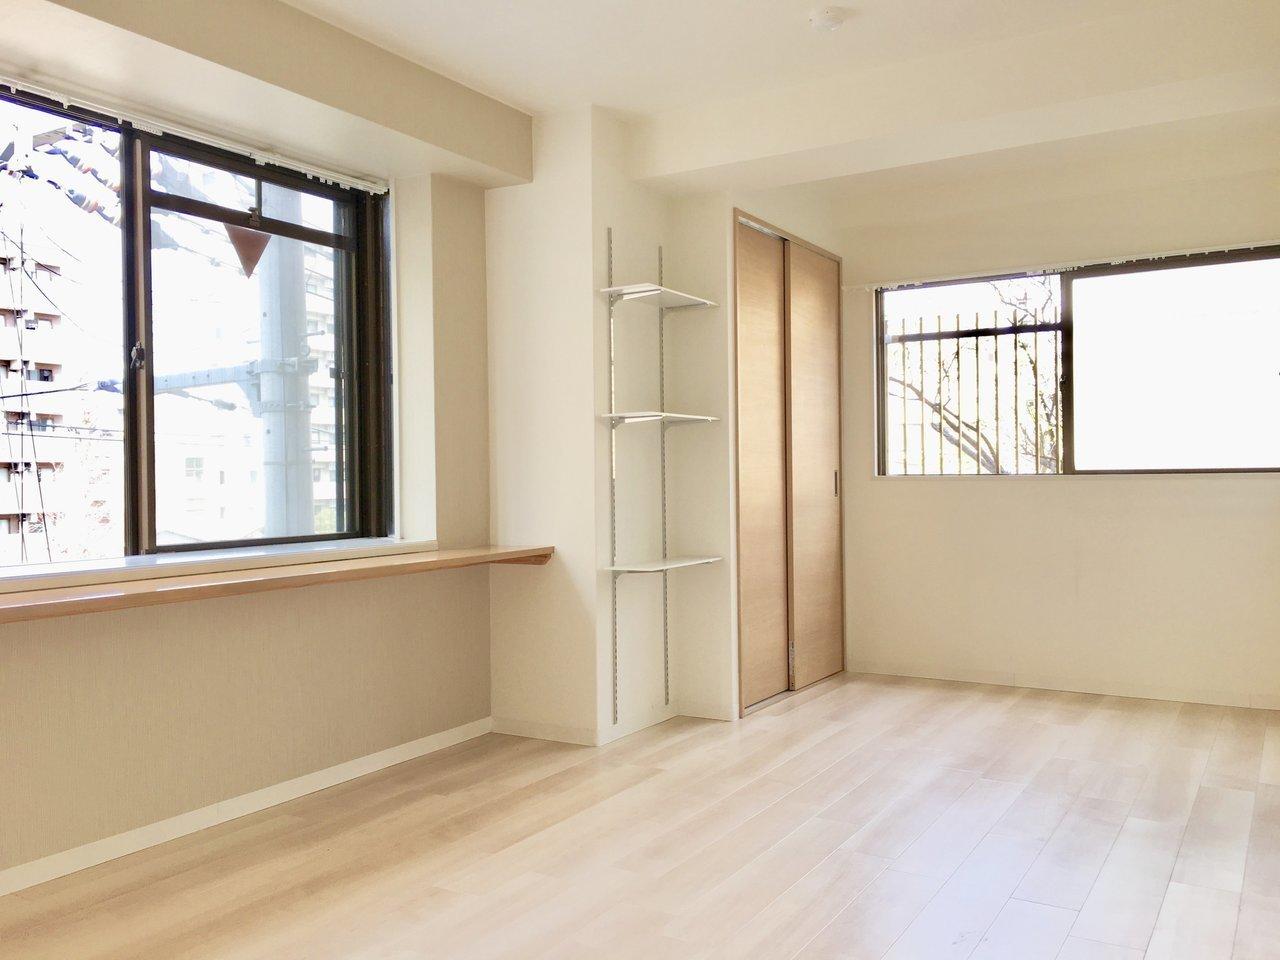 お部屋はナチュラルテイストで1DKのお部屋です。2面採光で、窓も大きくて風通しは良さそう!